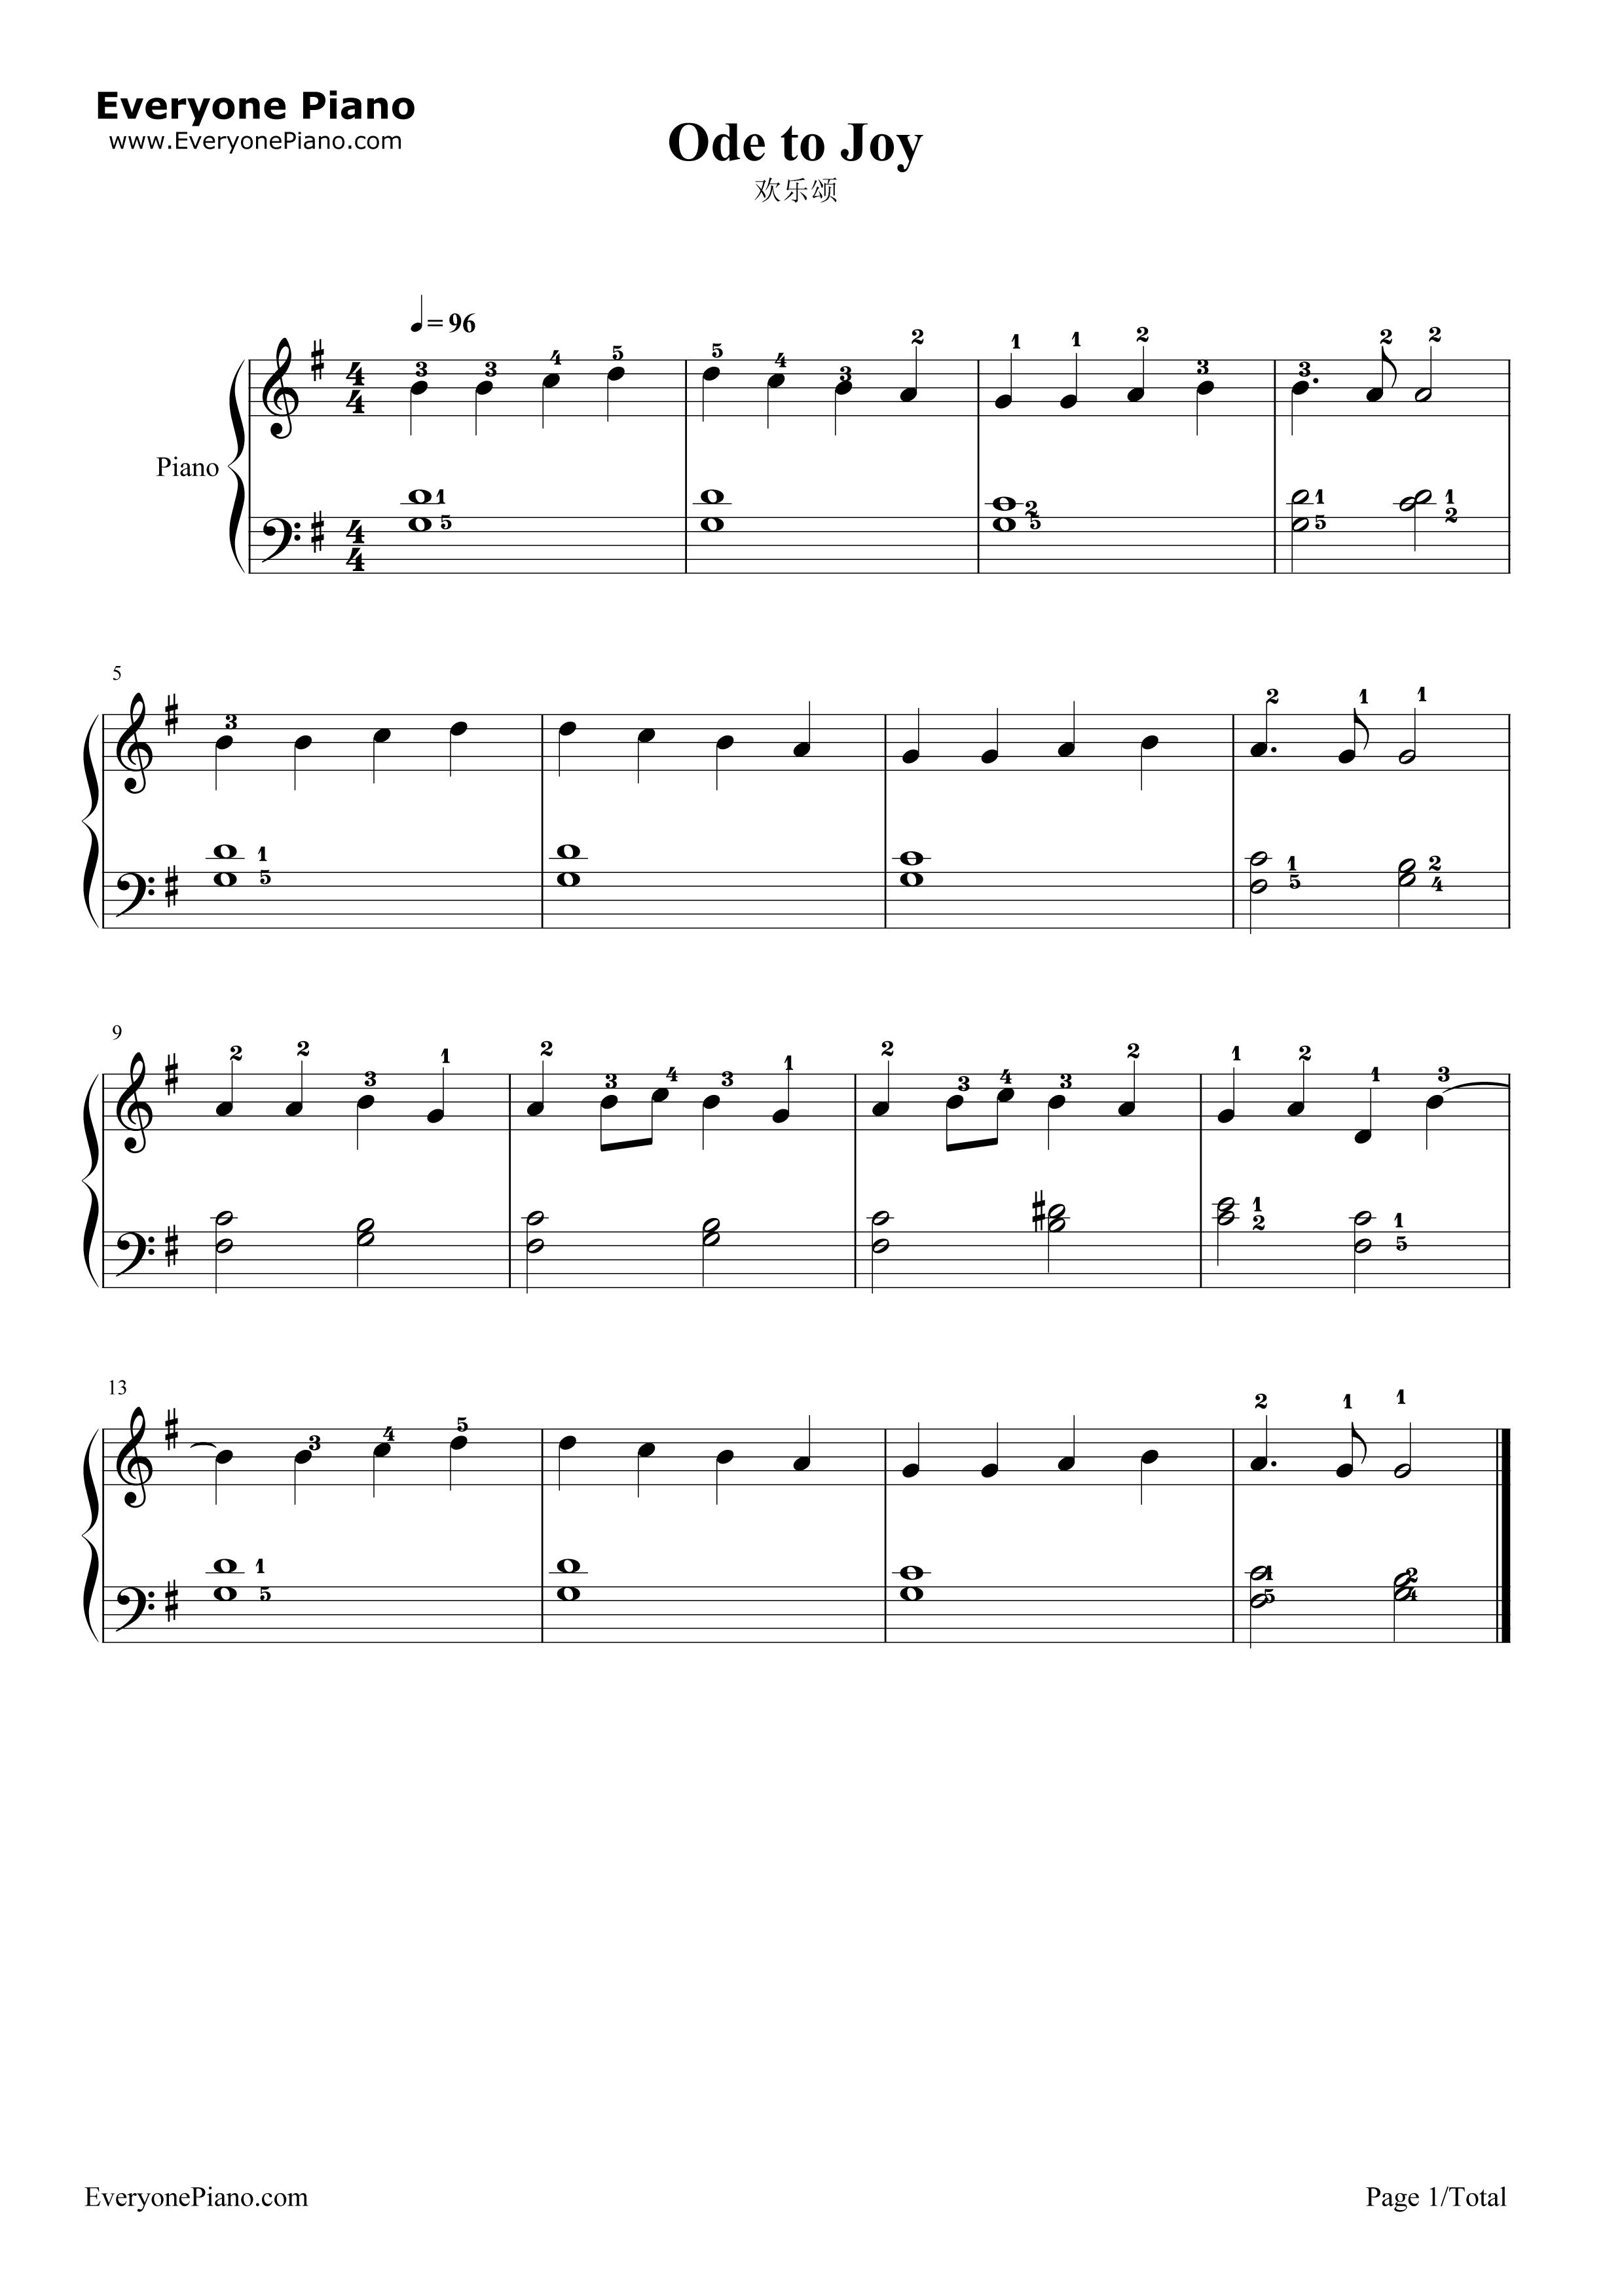 钢琴曲谱 经典 欢乐颂 欢乐颂五线谱预览1  }  仅供学习交流使用!